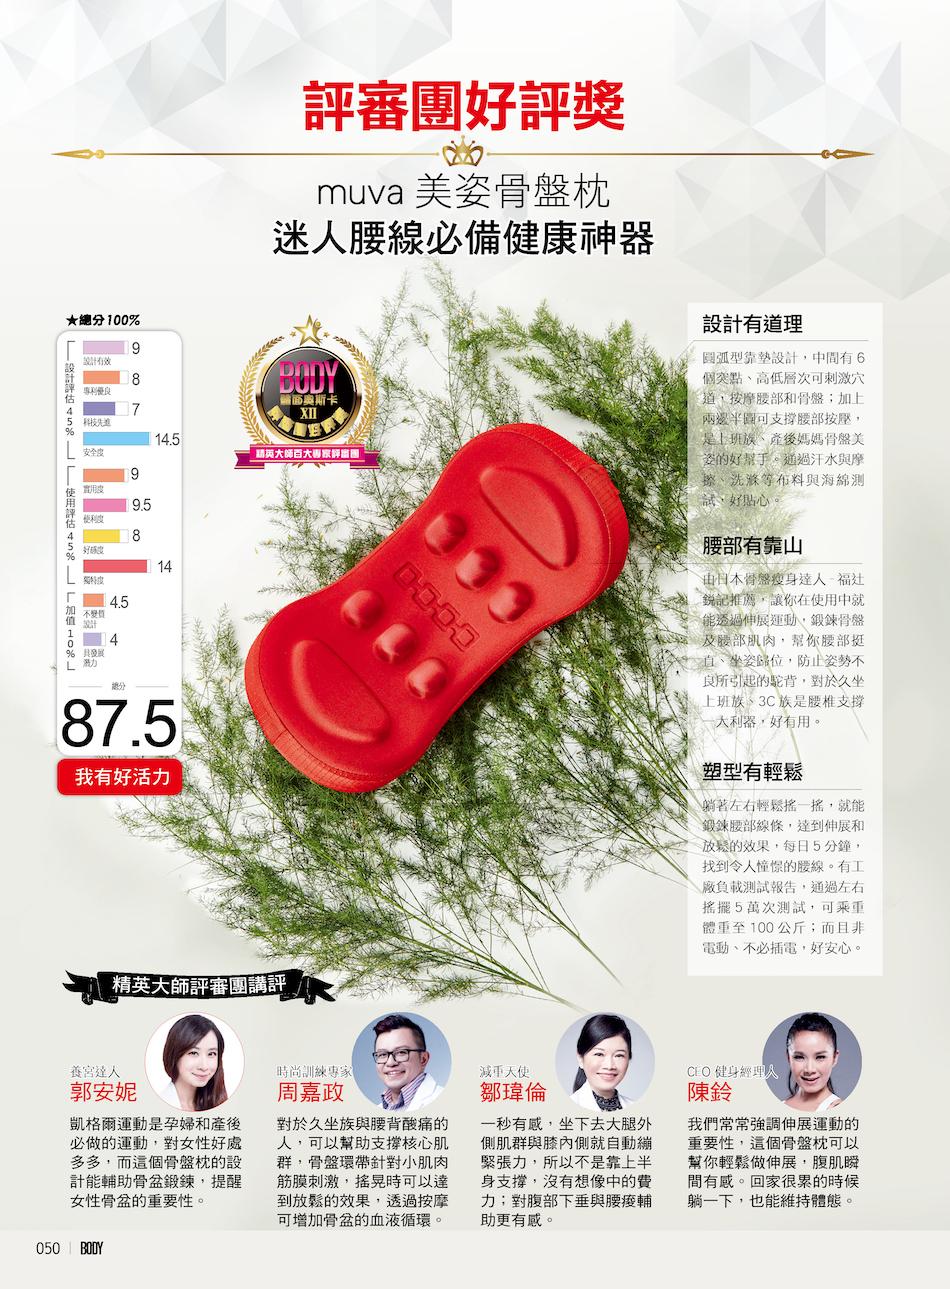 第12屆 body oscar 評審團好評獎 3